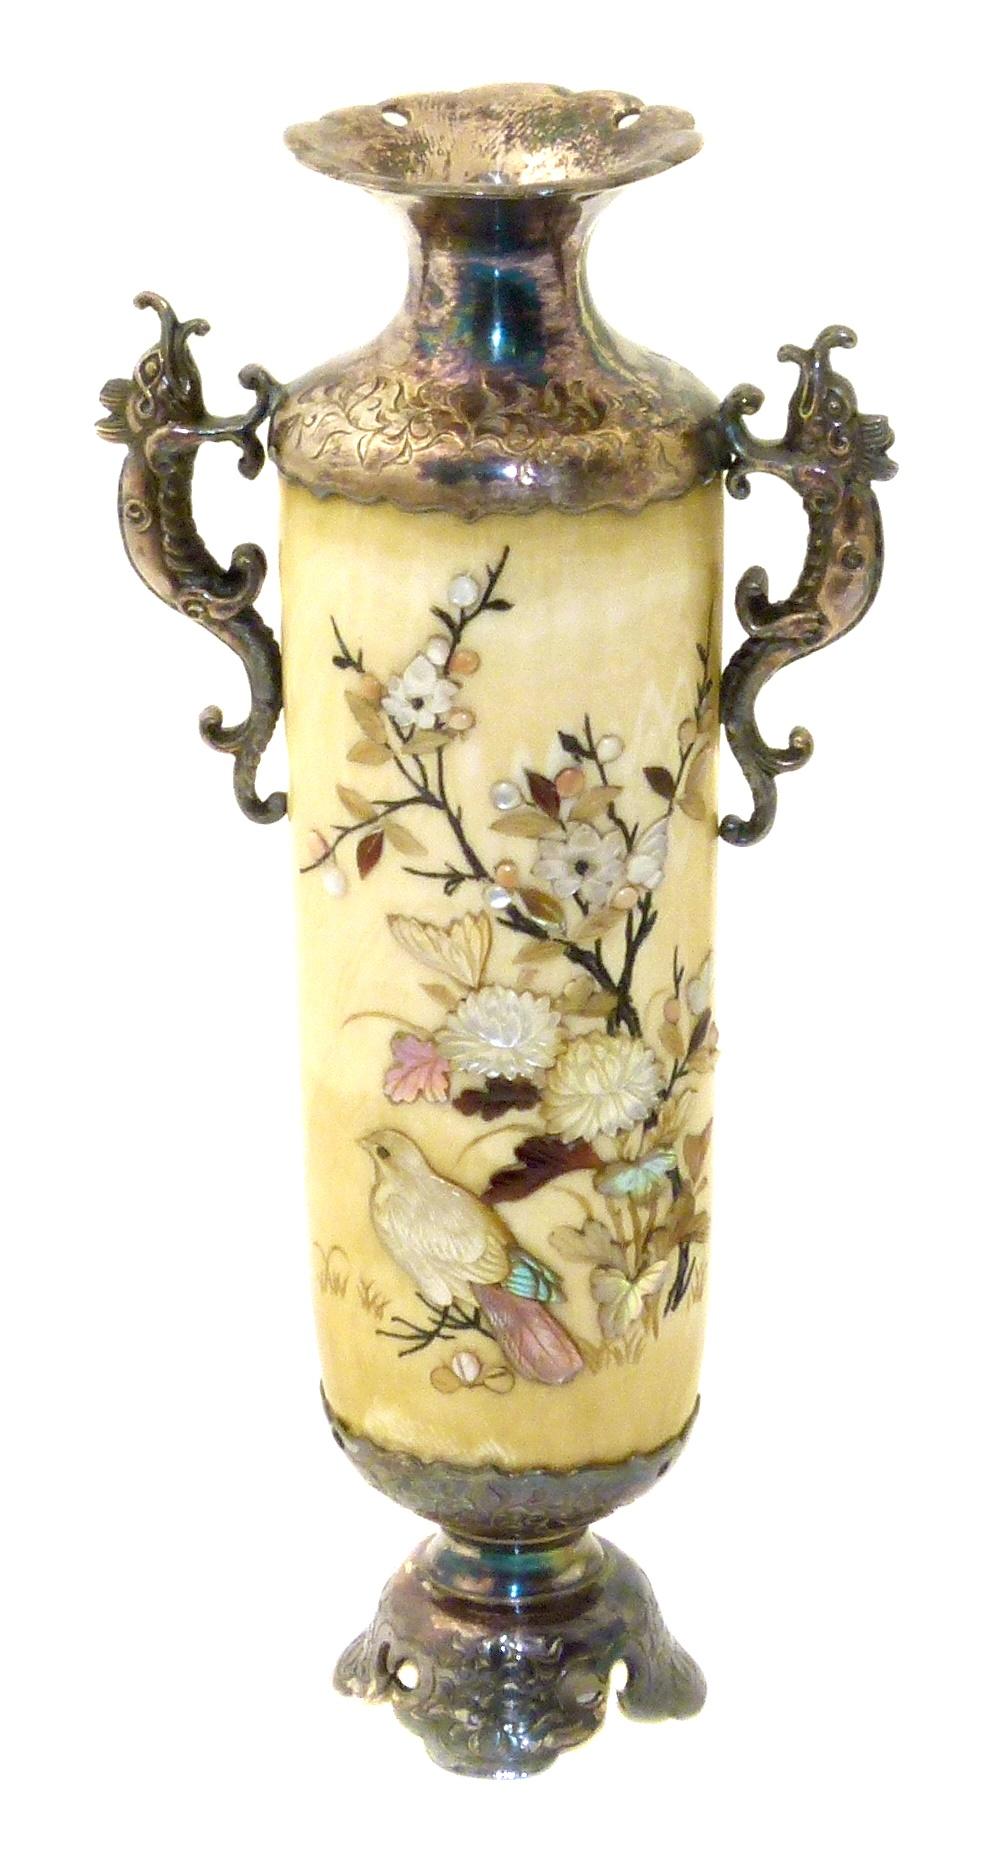 Japanese Meji Period Ivory Silver Shibayama Vase